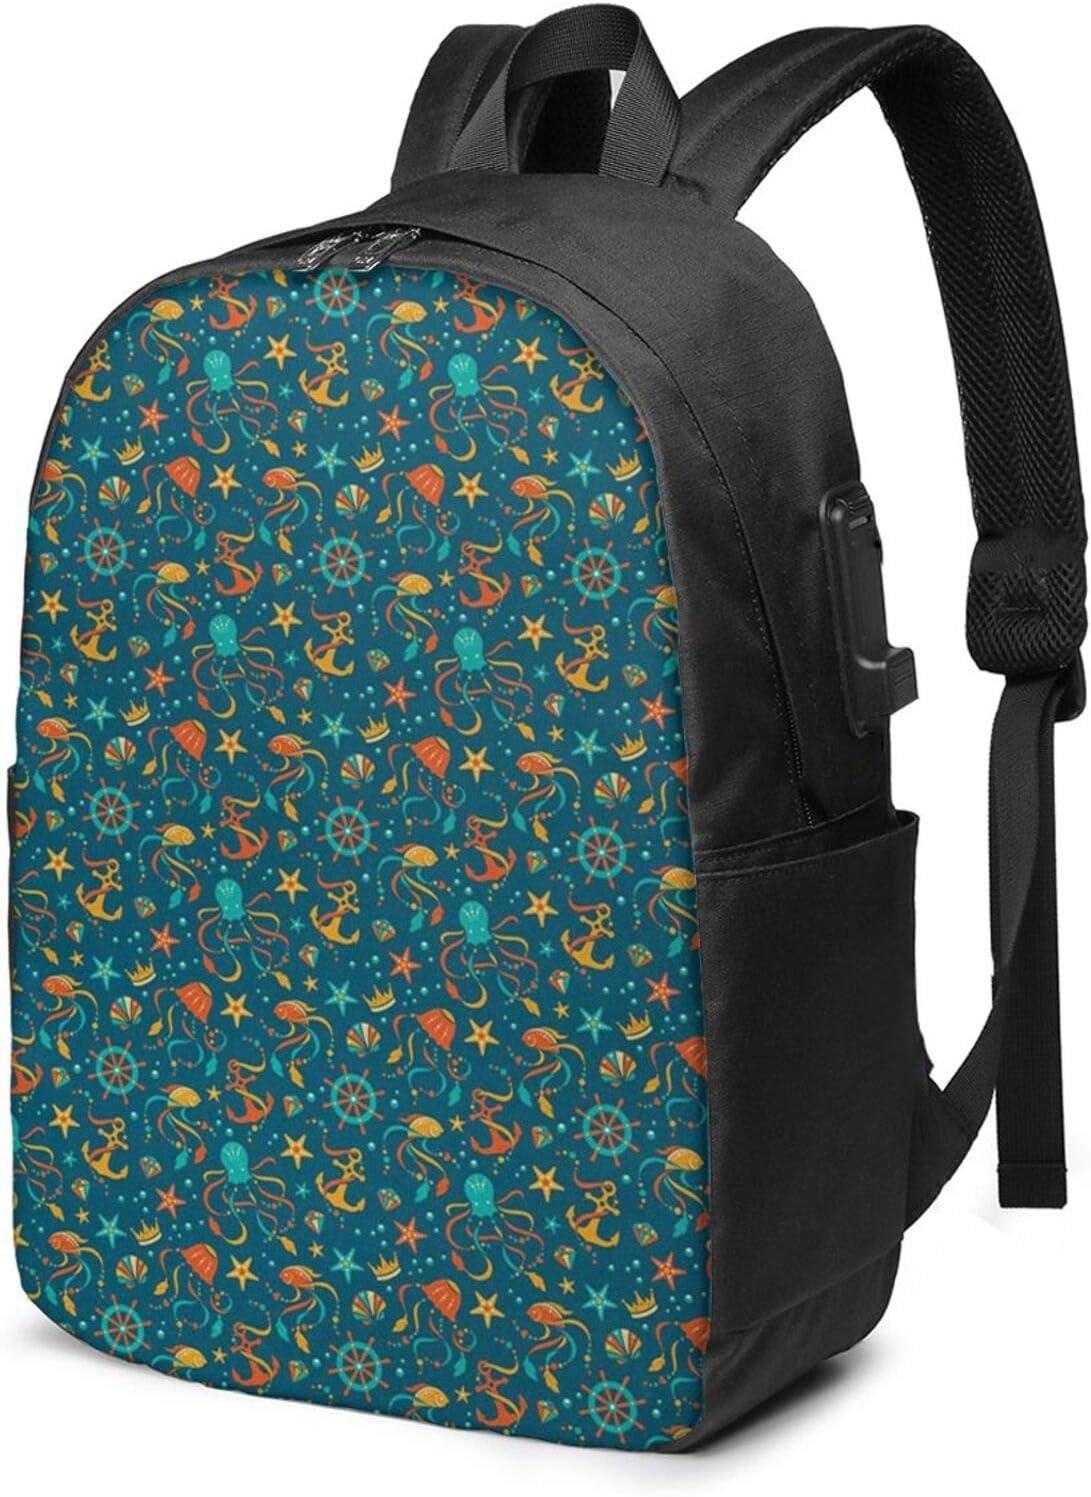 WEQDUJG Mochila Portatil 17 Pulgadas Mochila Hombre Mujer con Puerto USB, Piedras Preciosas de Dibujos Animados de Fauna Mochila para El Laptop para Ordenador del Trabajo Viaje